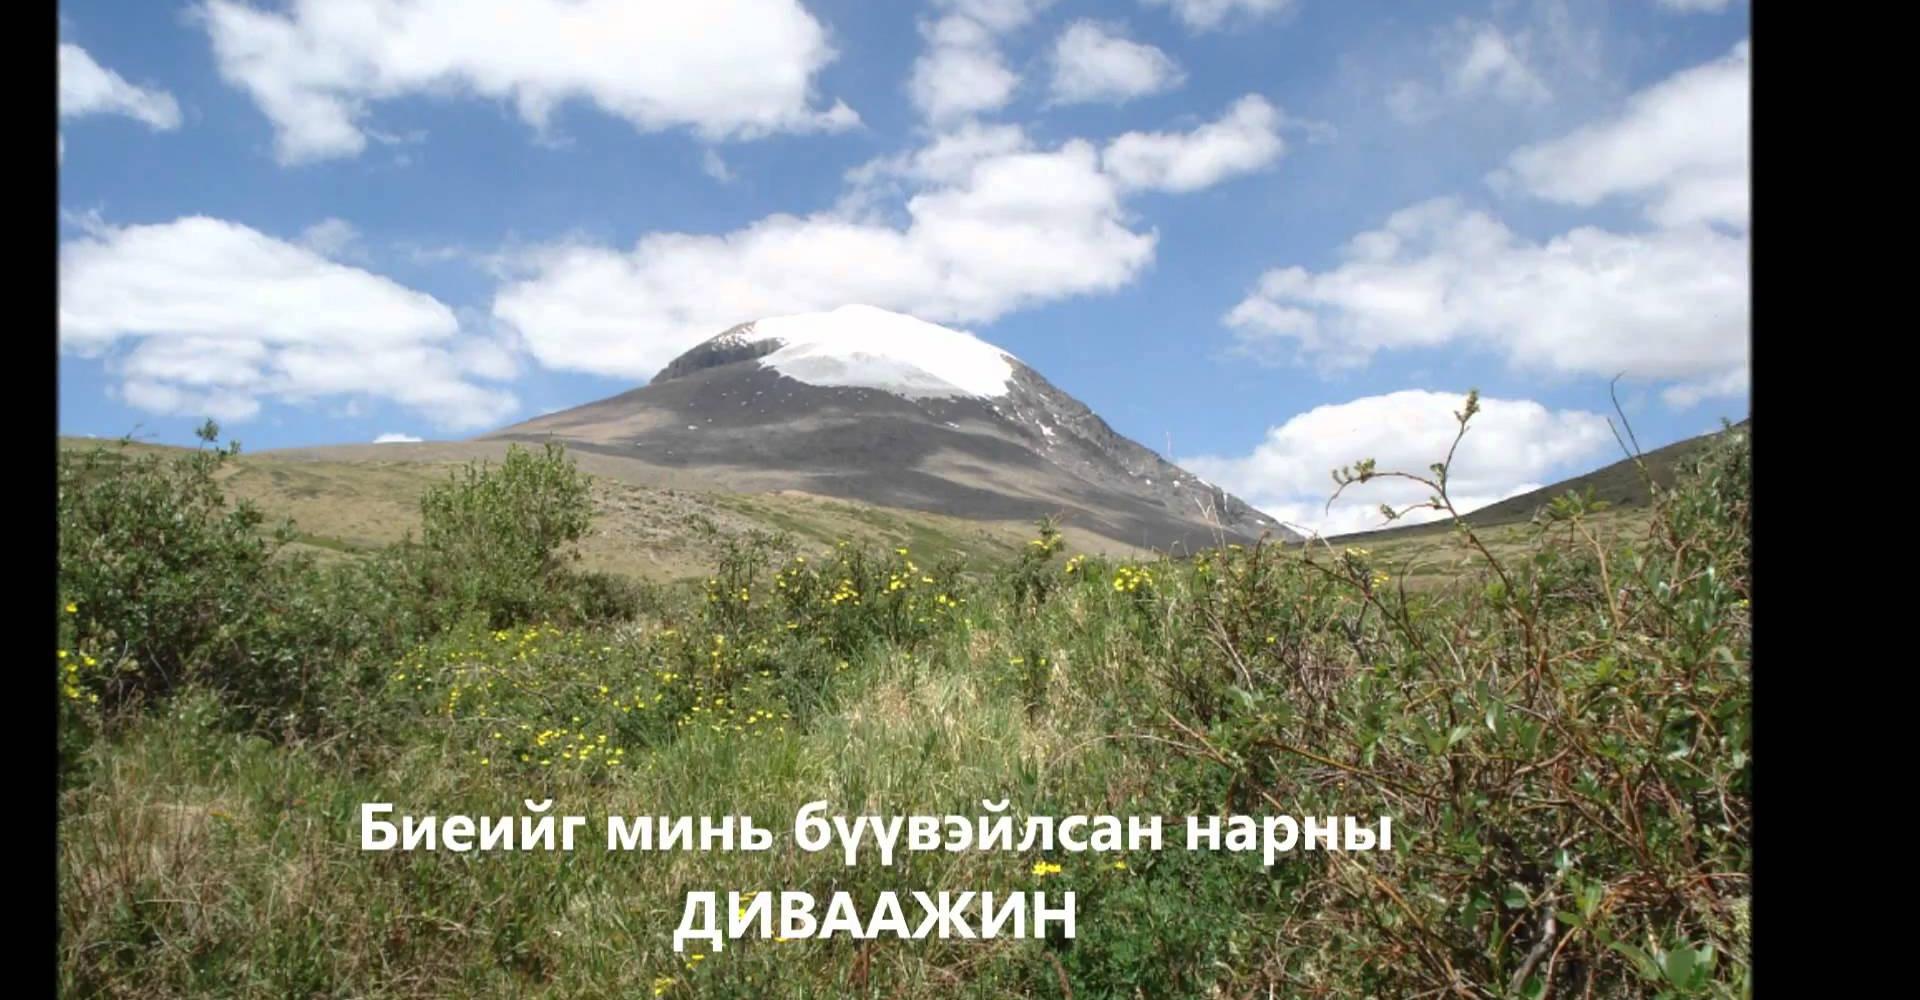 Bayankhairkhan